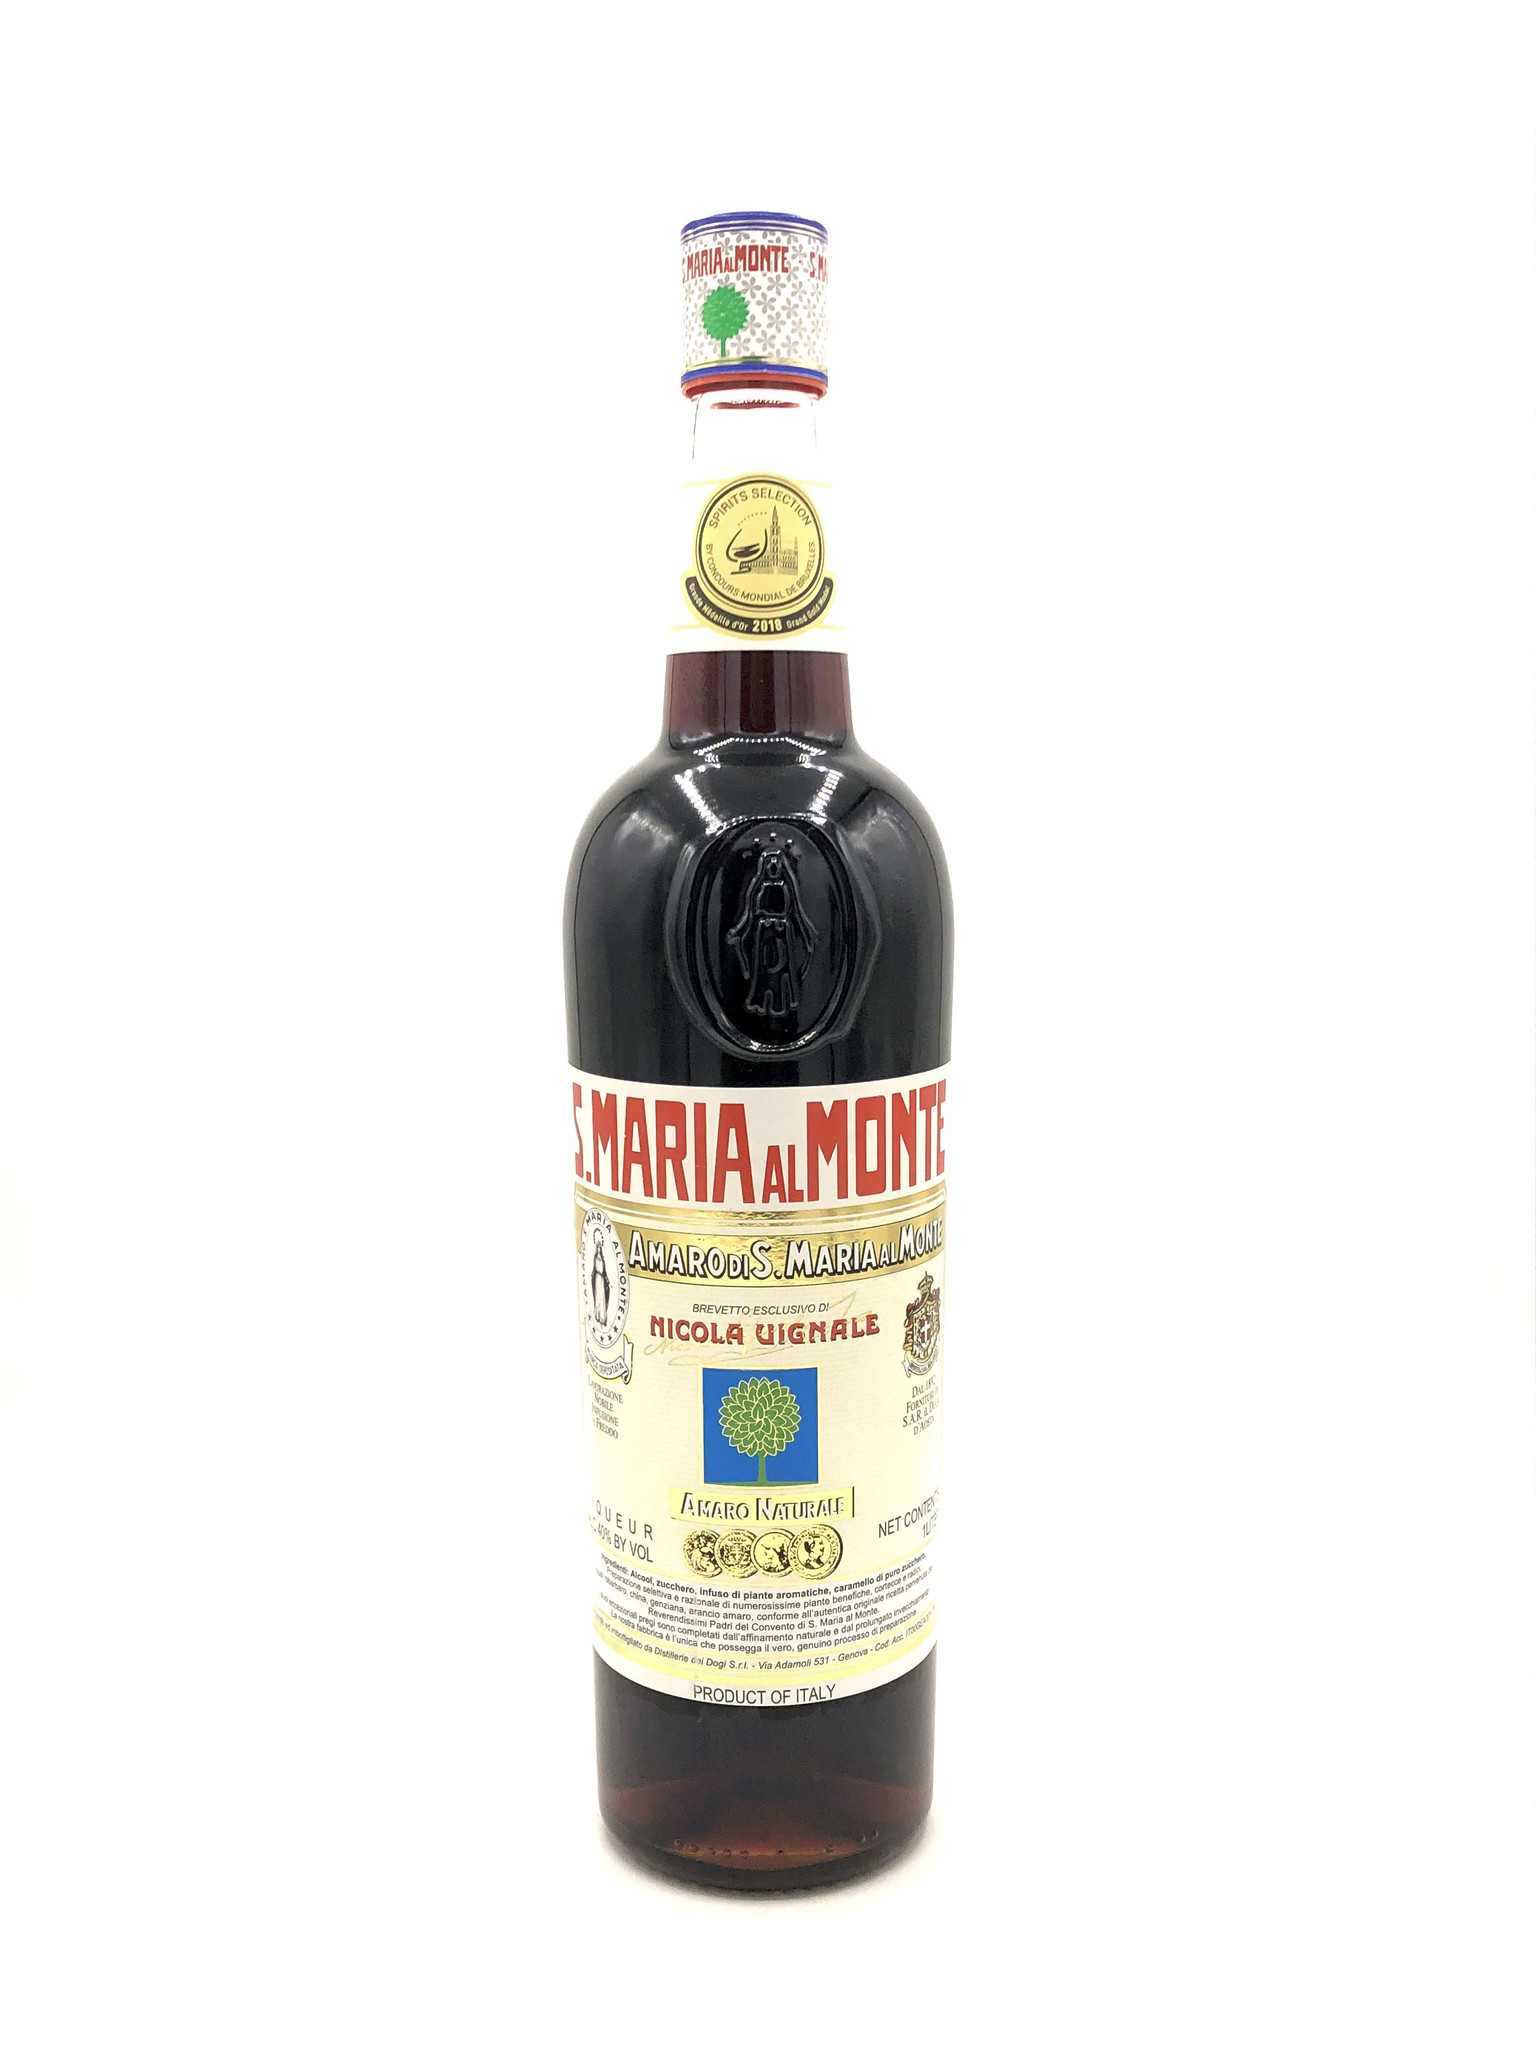 Amaro Santa Maria al Monte